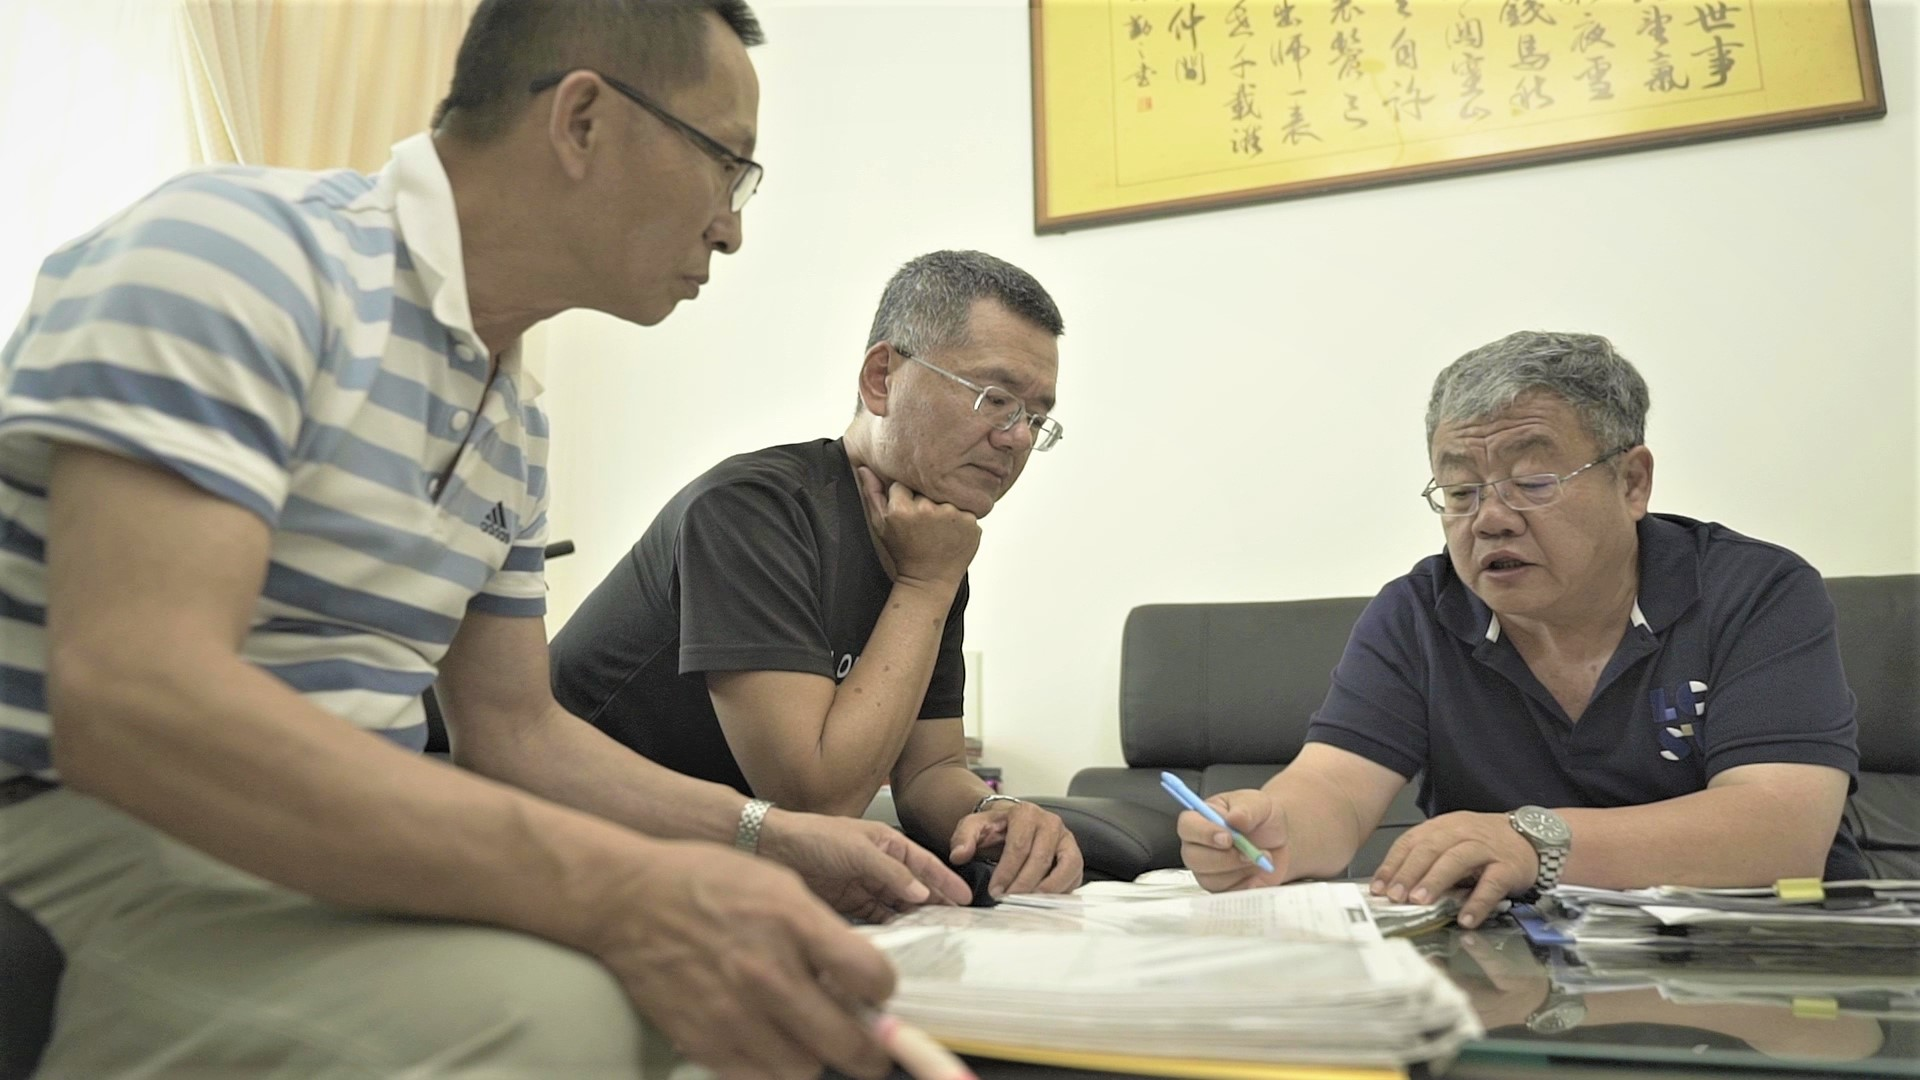 防詐達人陳惠澤與前同事劉善光、陳輝隆討論詐騙案件。